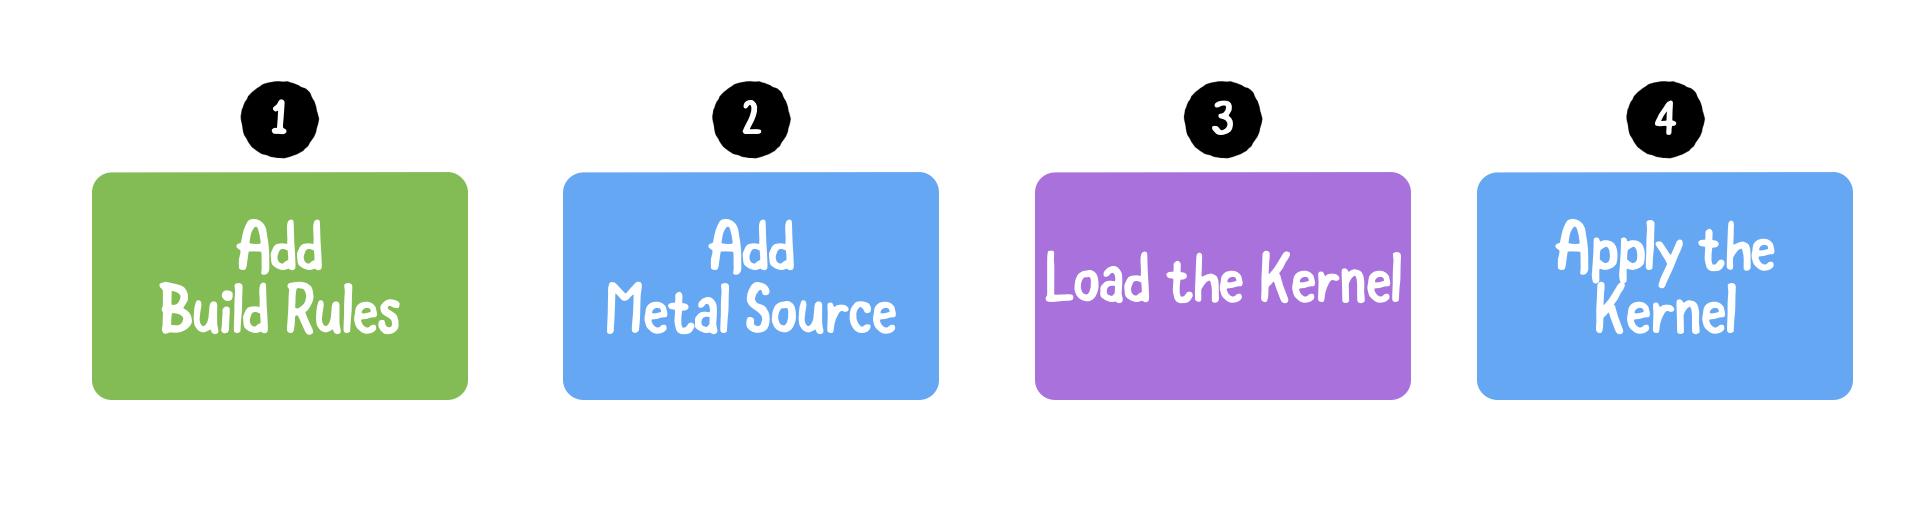 Custom kernel steps